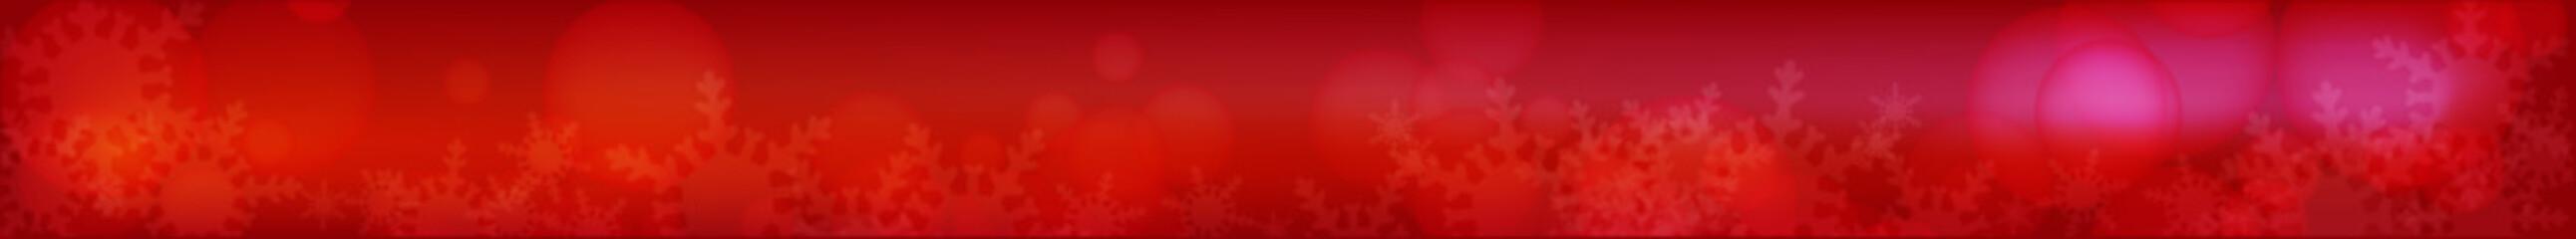 冬の幻想的な雪の結晶背景素材 ビッグバナー(ラージ)